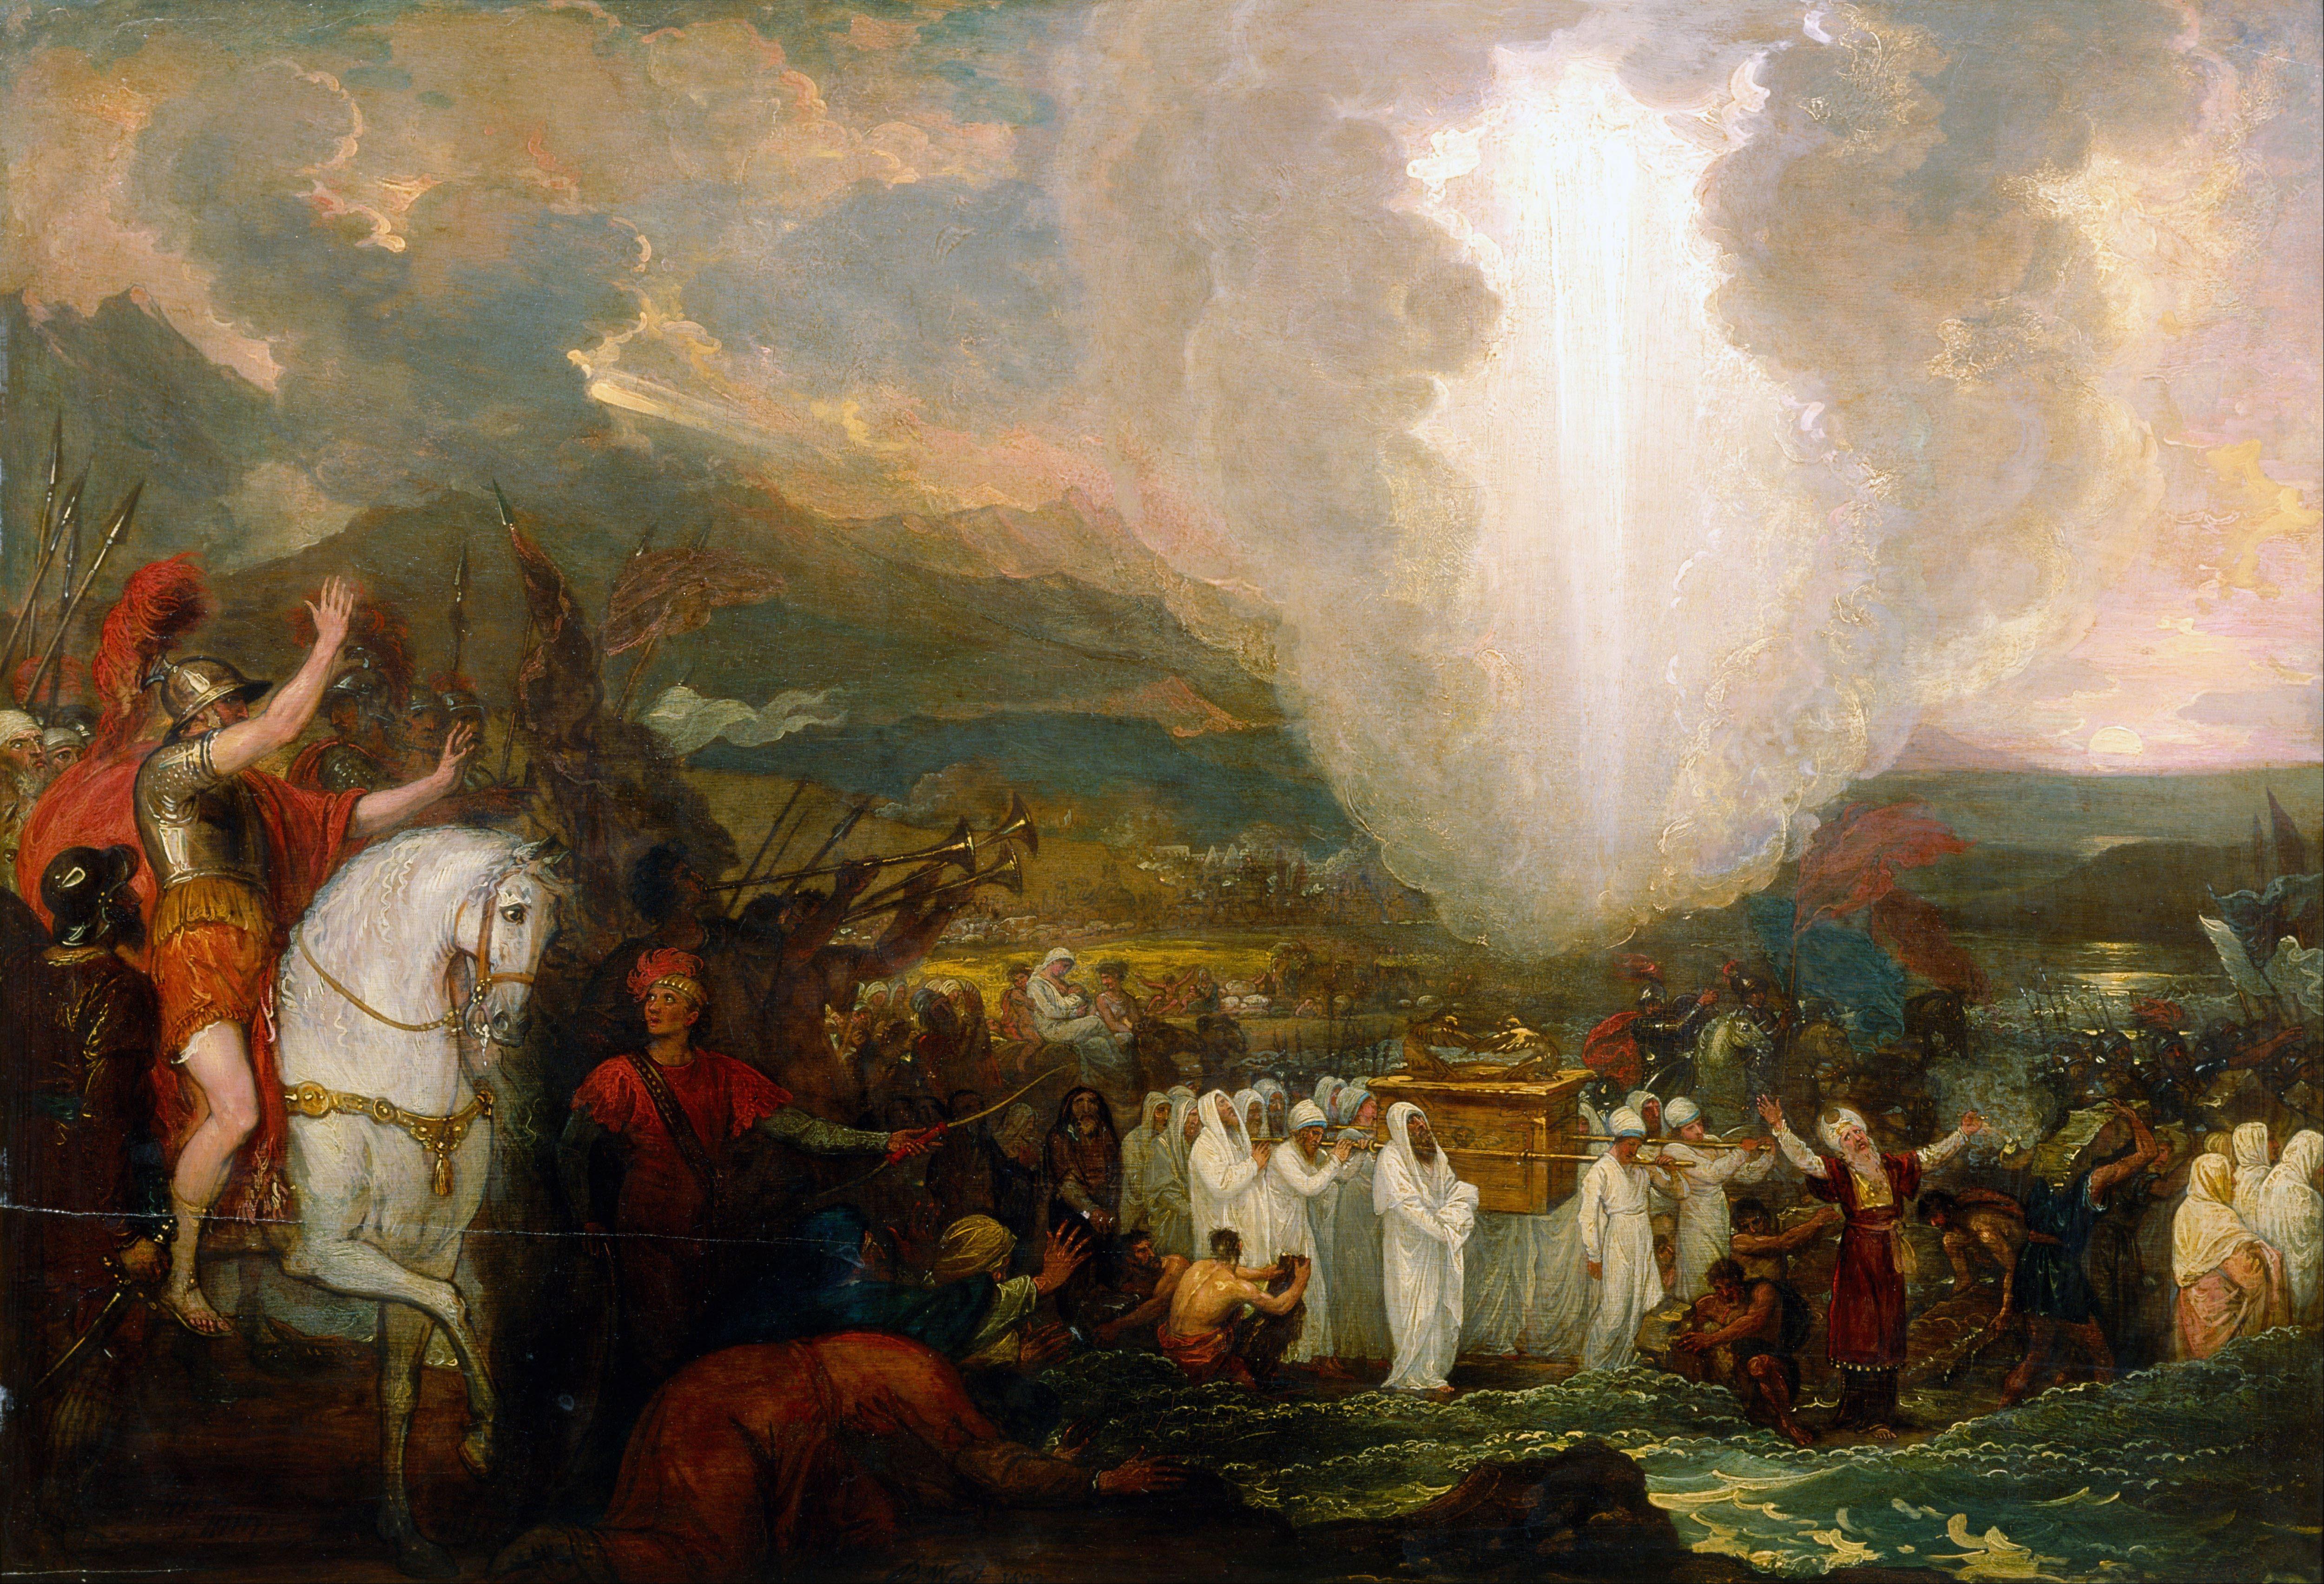 Benjamin West, Joshua crossing the river Jordan